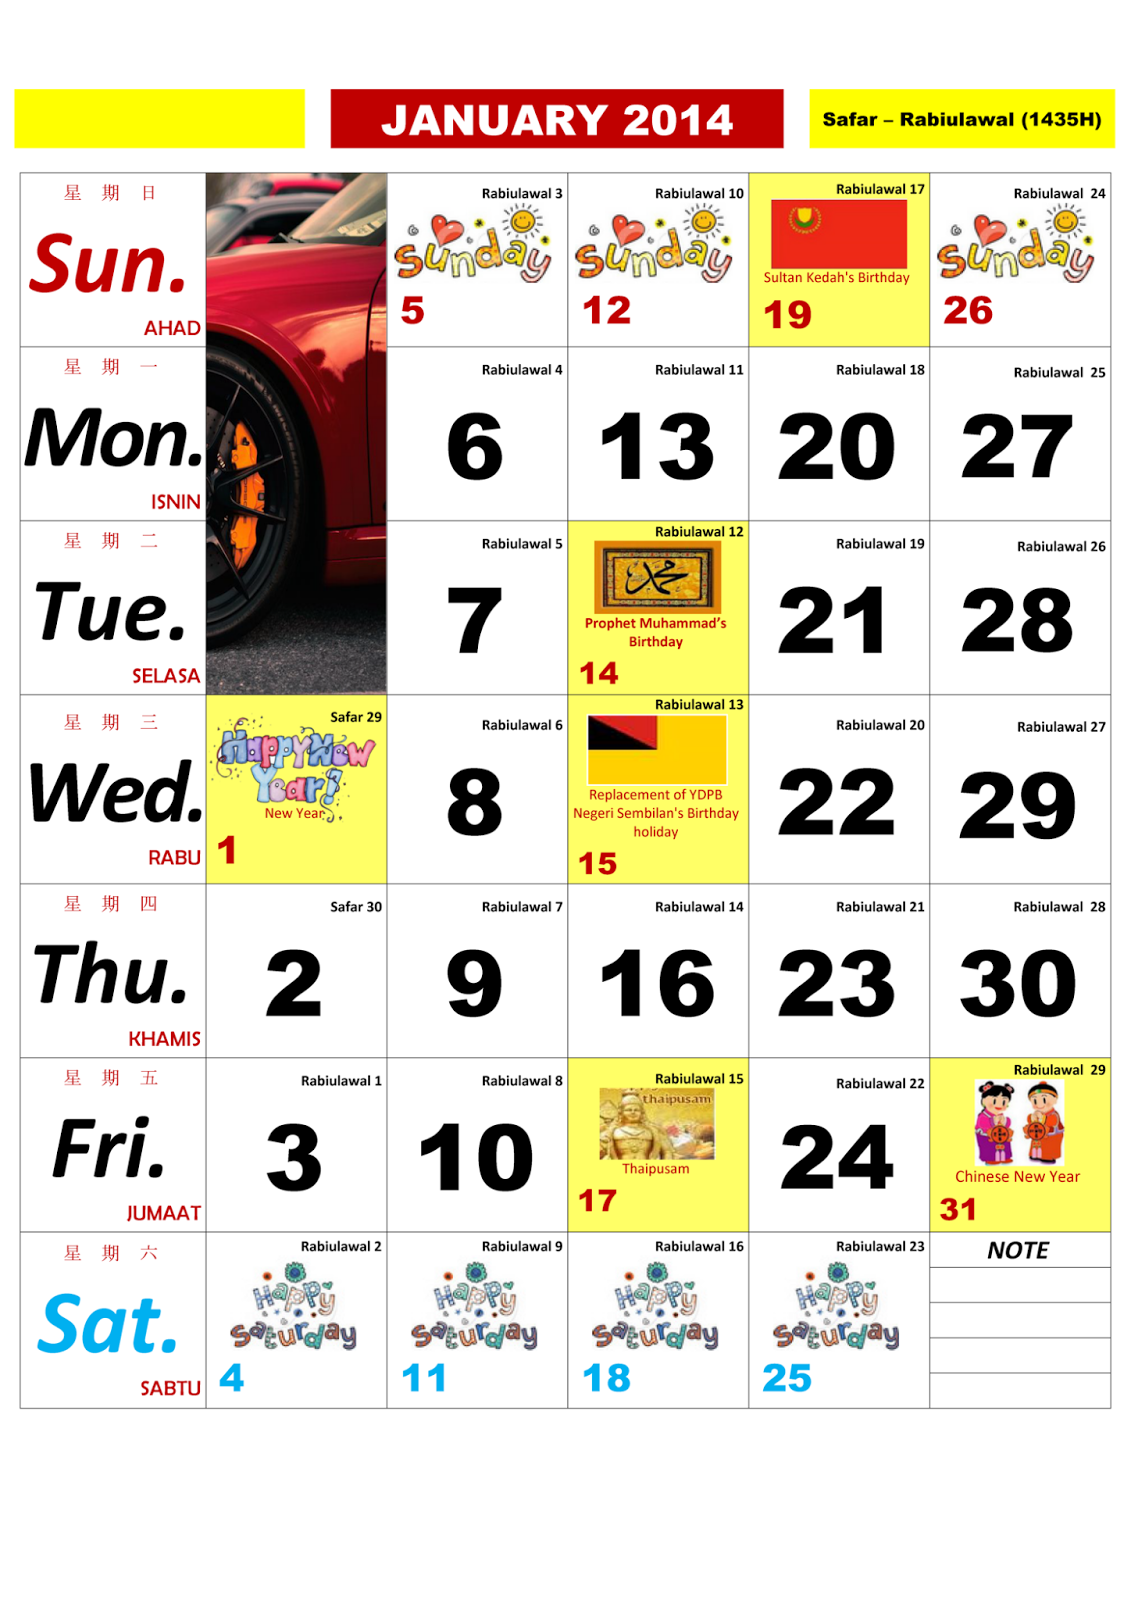 Kalendar+Kuda-2014+eatz+HQ_January.png